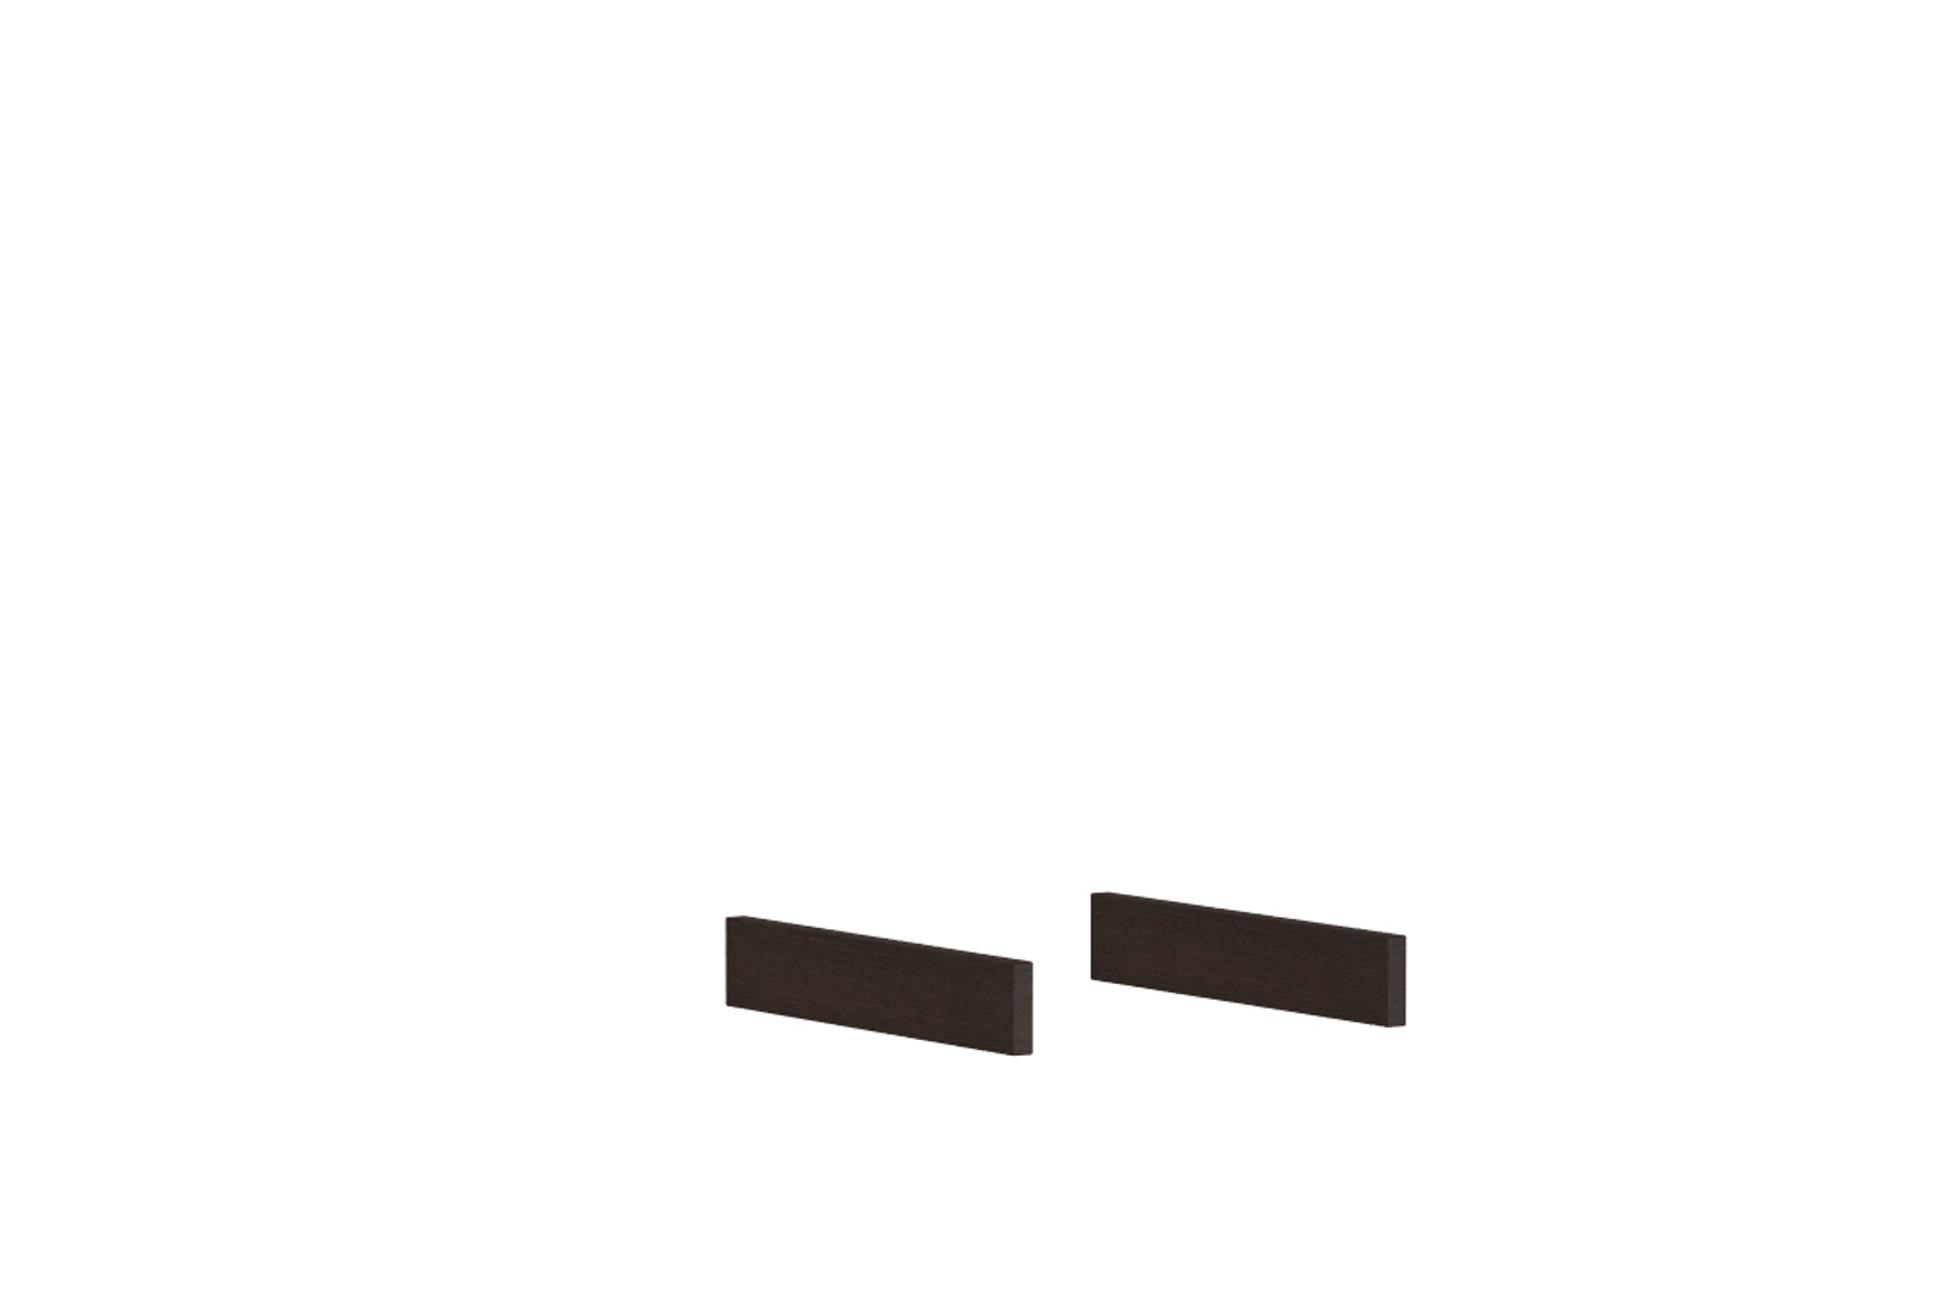 Комплект боковых цоколей Глейс 83 Ангстрем